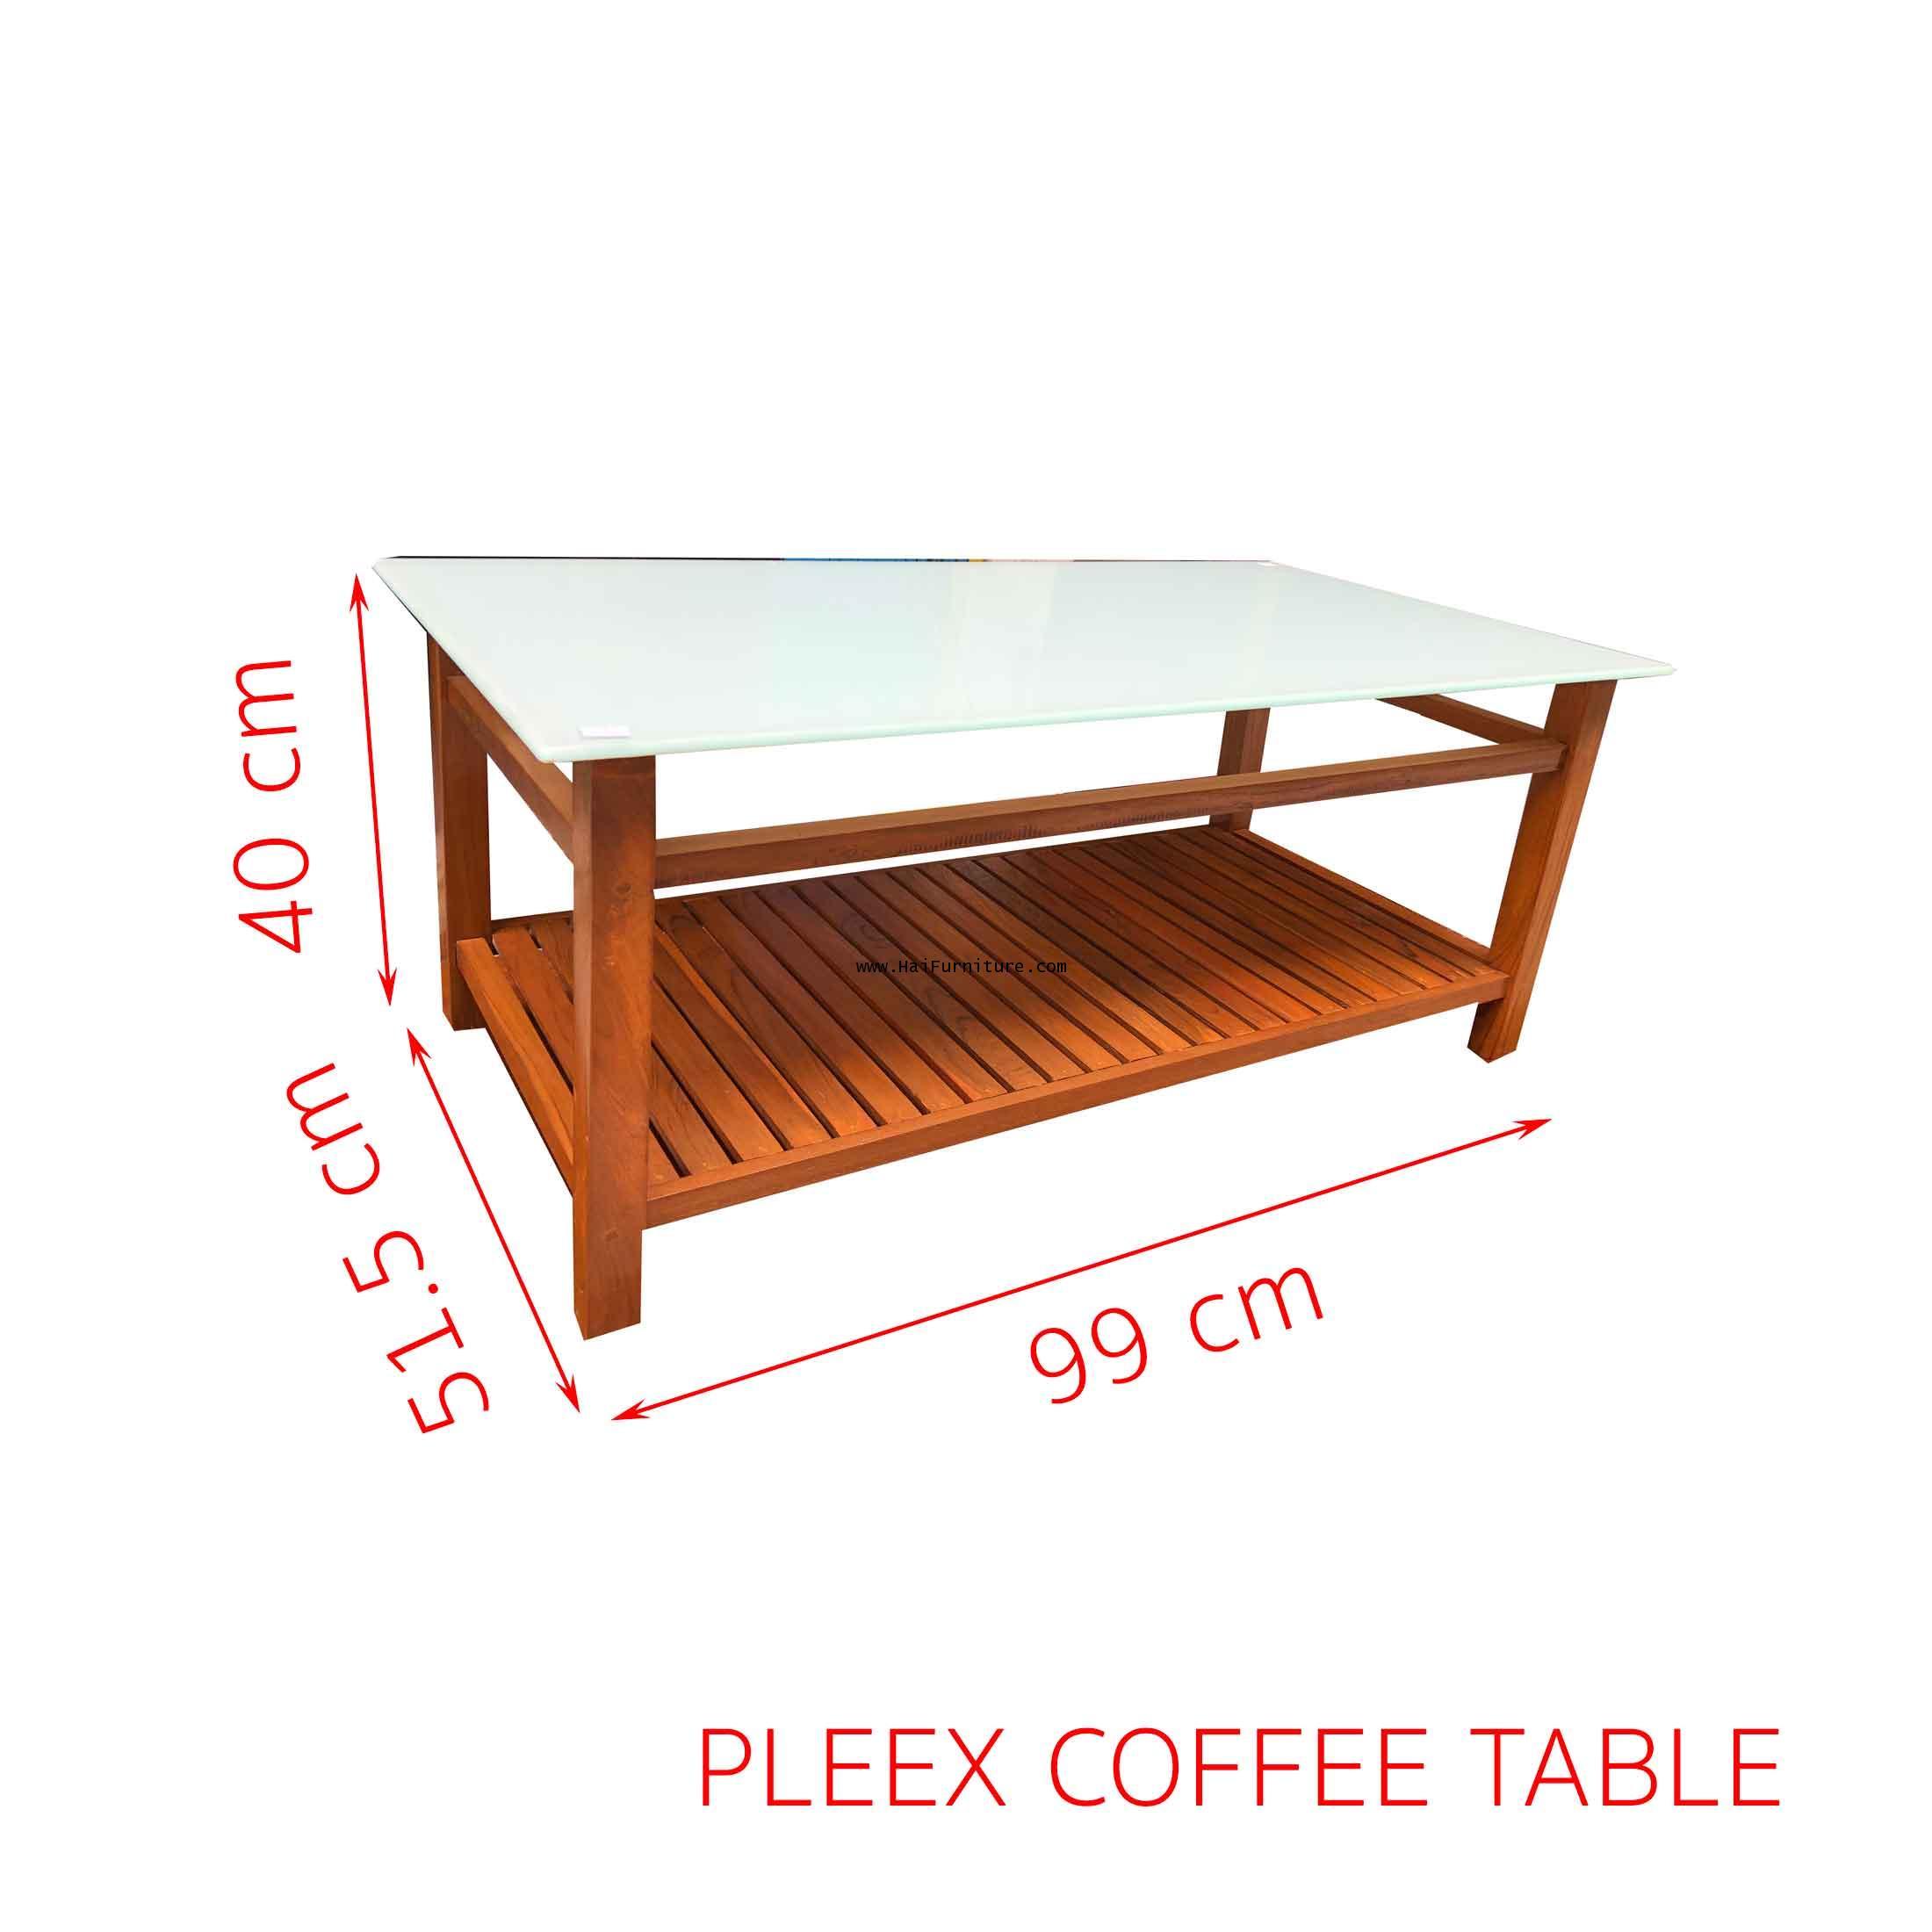 PLEEX COFFEE TABLE 99*51.5*40 CM